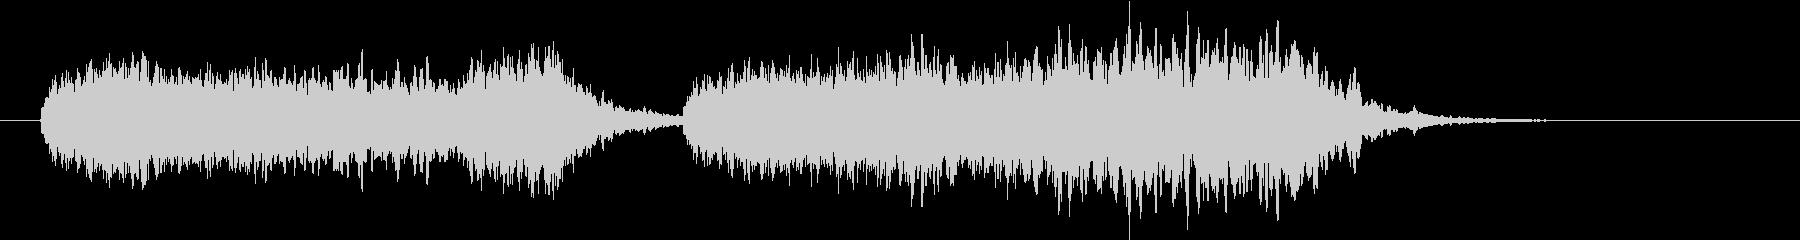 ラーメン屋台のチャルメラの音の未再生の波形